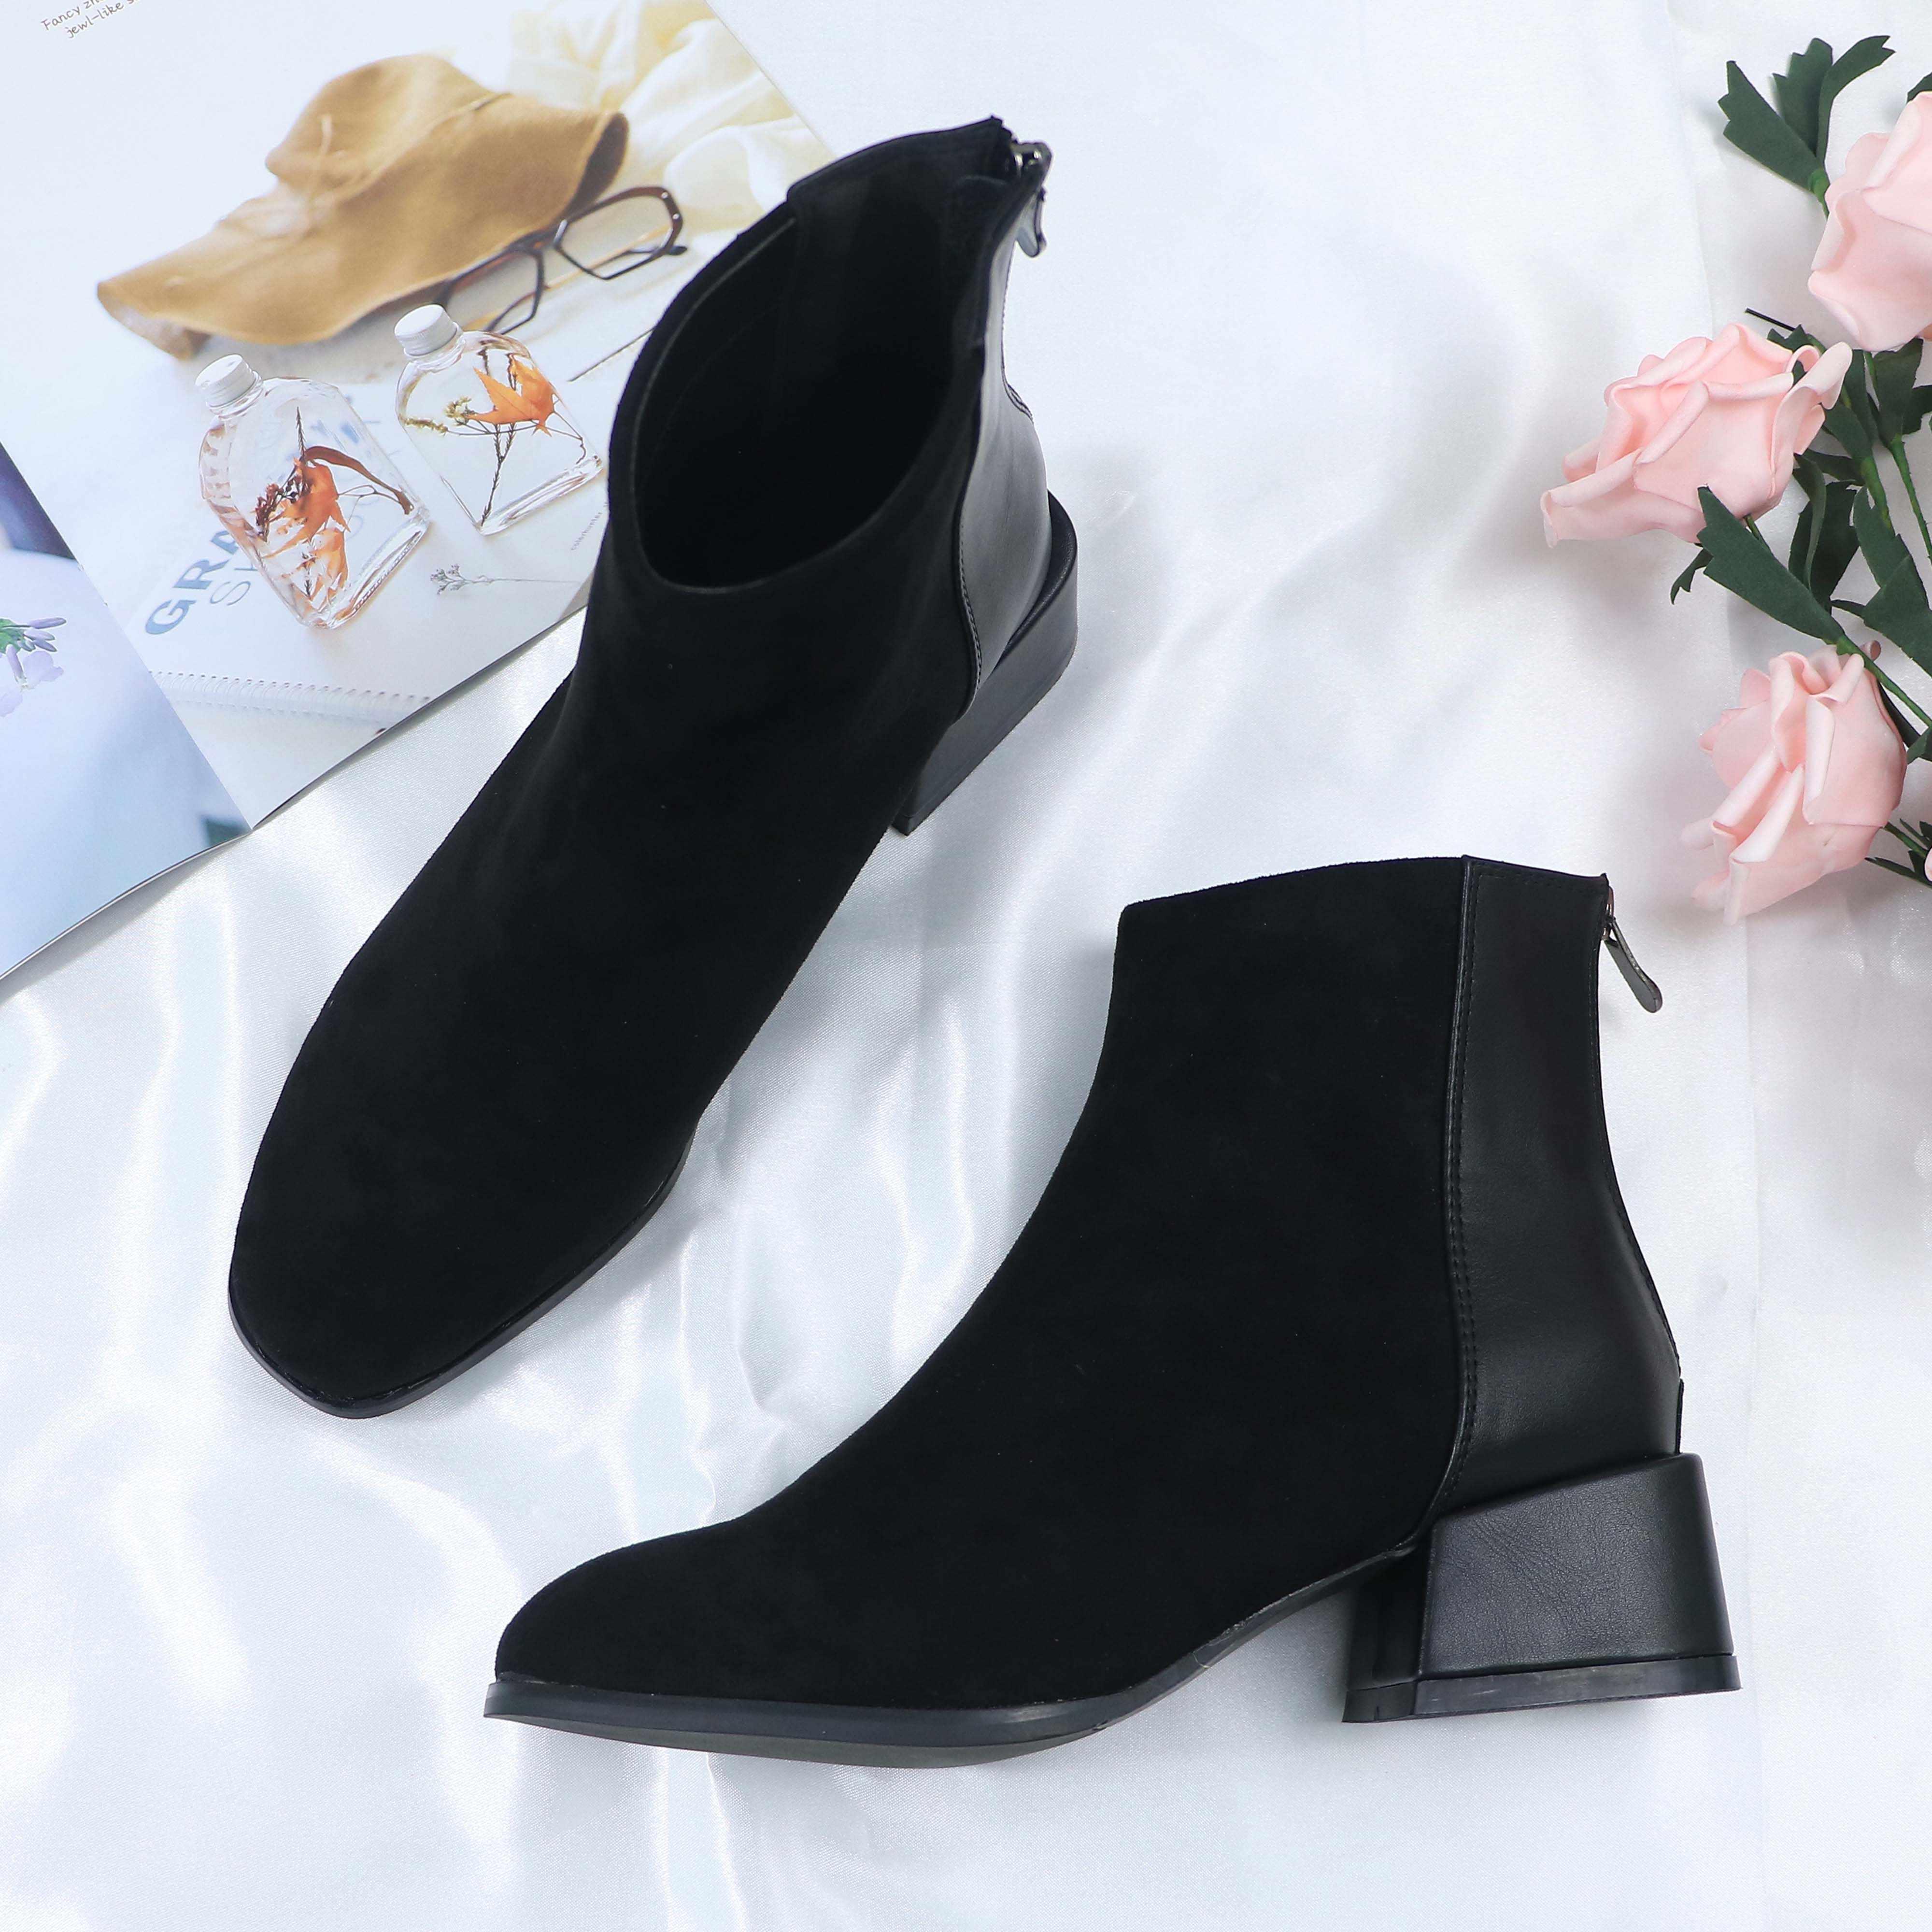 Roni Bouker Faux süet yarım çizmeler kadın tıknaz topuklu peluş ayakkabı kadın şık ayakkabı bayan kahverengi çikolata çizme ботинки женские